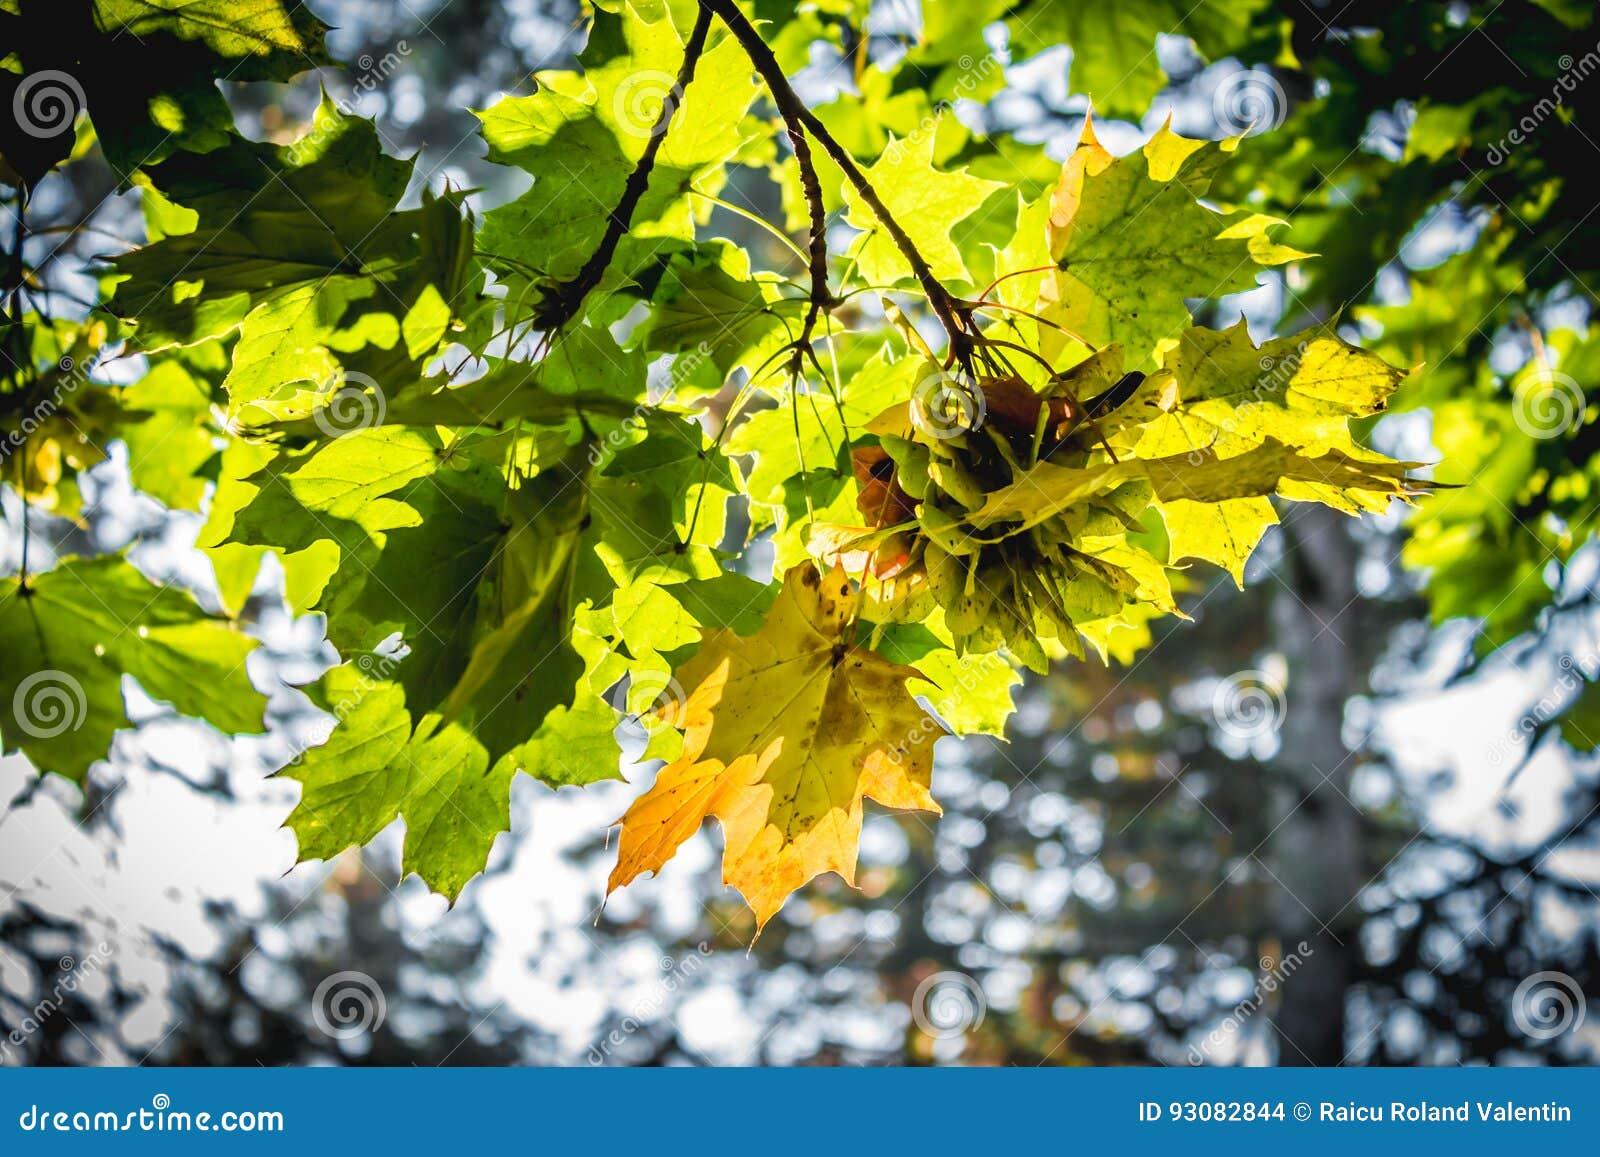 Folhas de Mapple em cores outonais